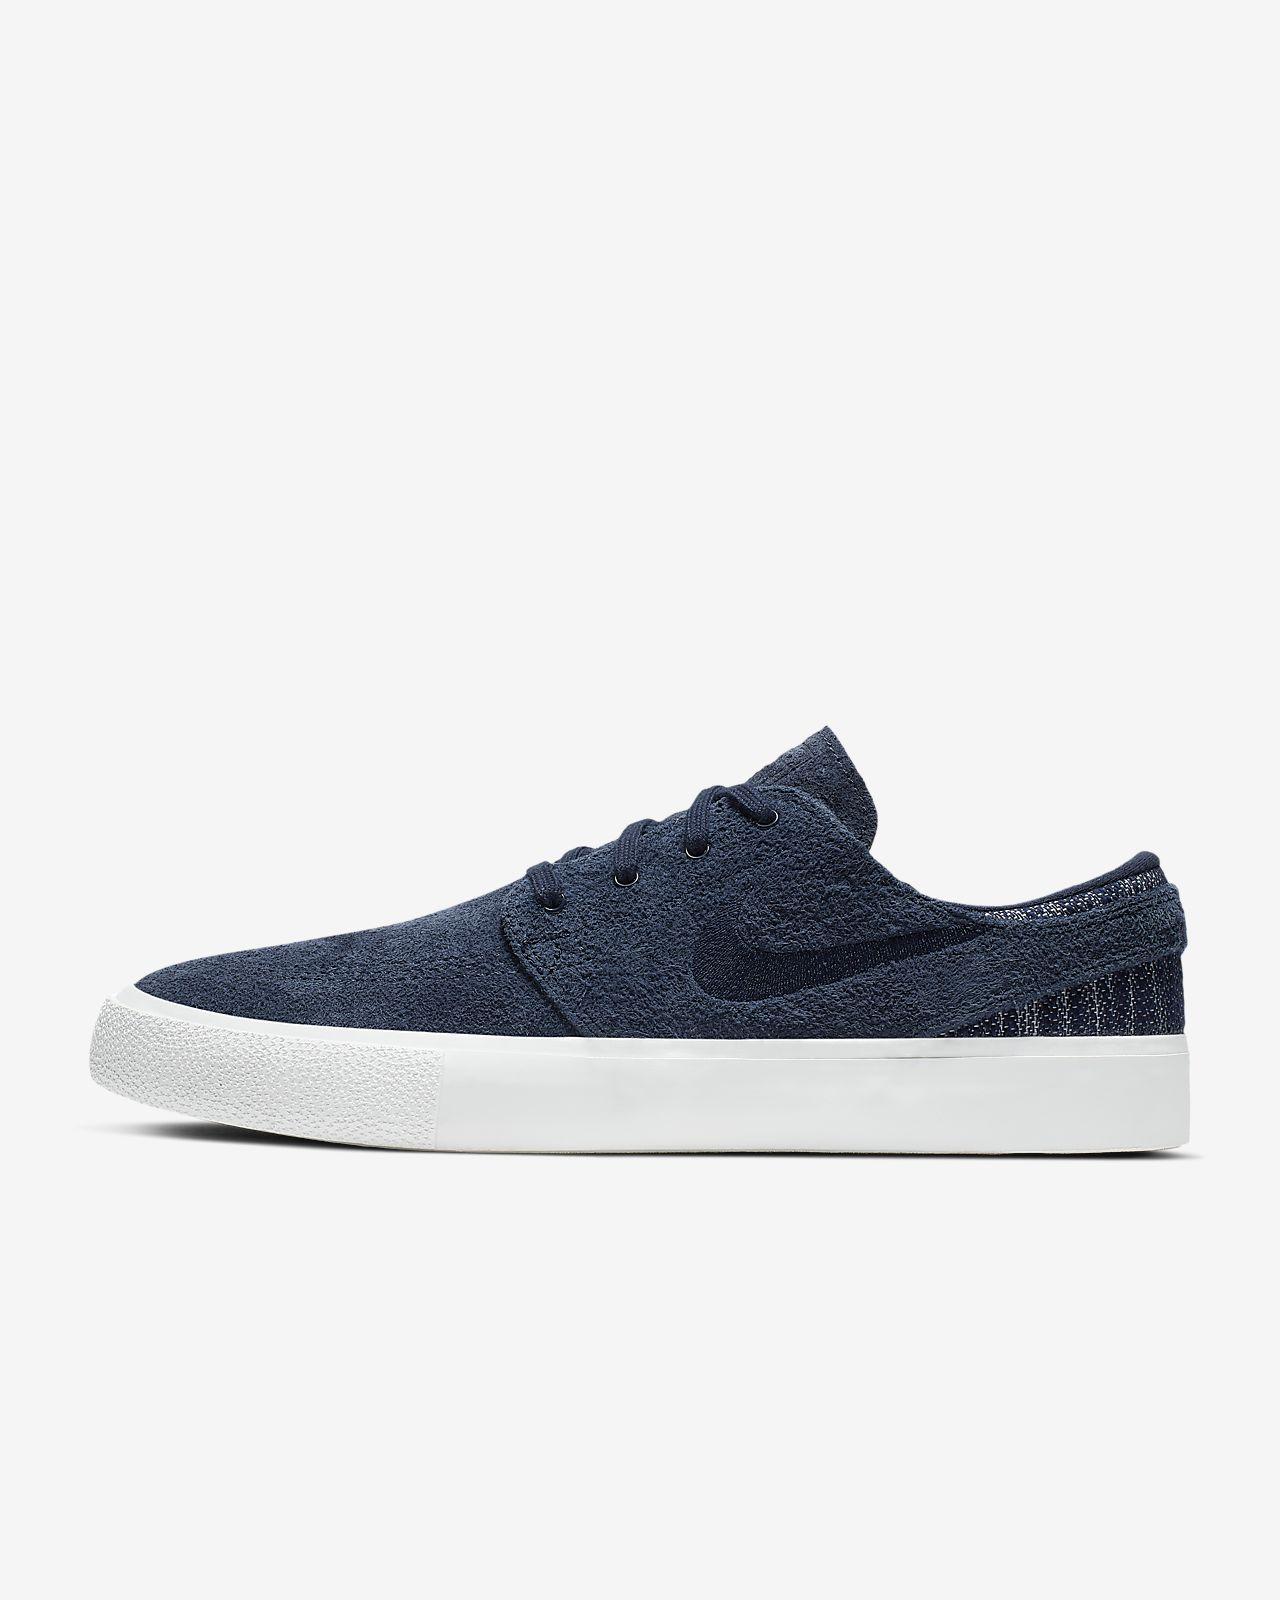 Buty do skateboardingu Nike SB Zoom Stefan Janoski RM Premium